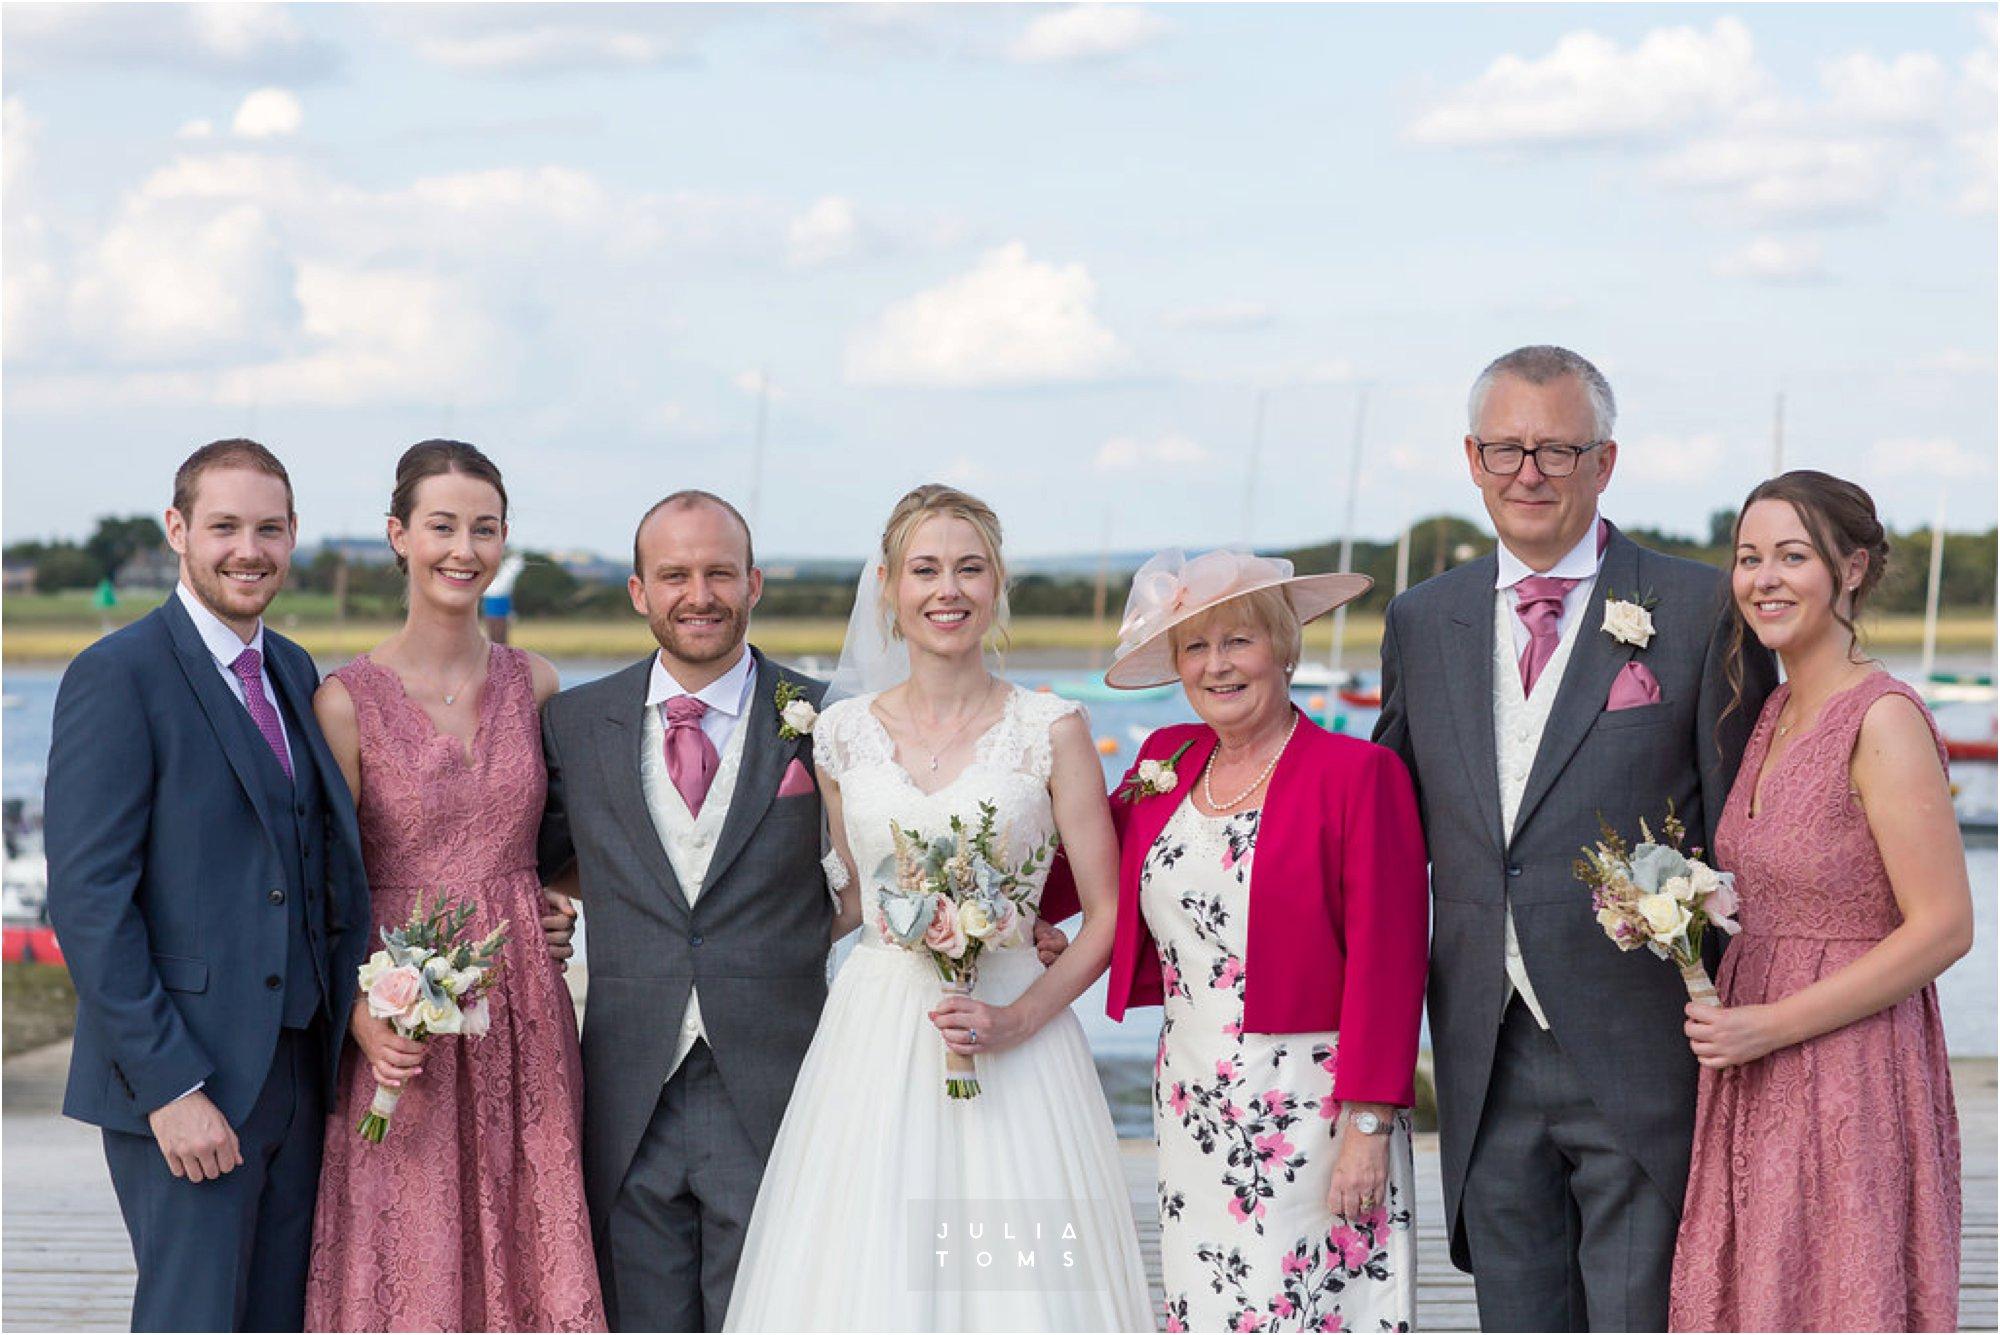 itchenor_wedding_chichester_photographer_062.jpg